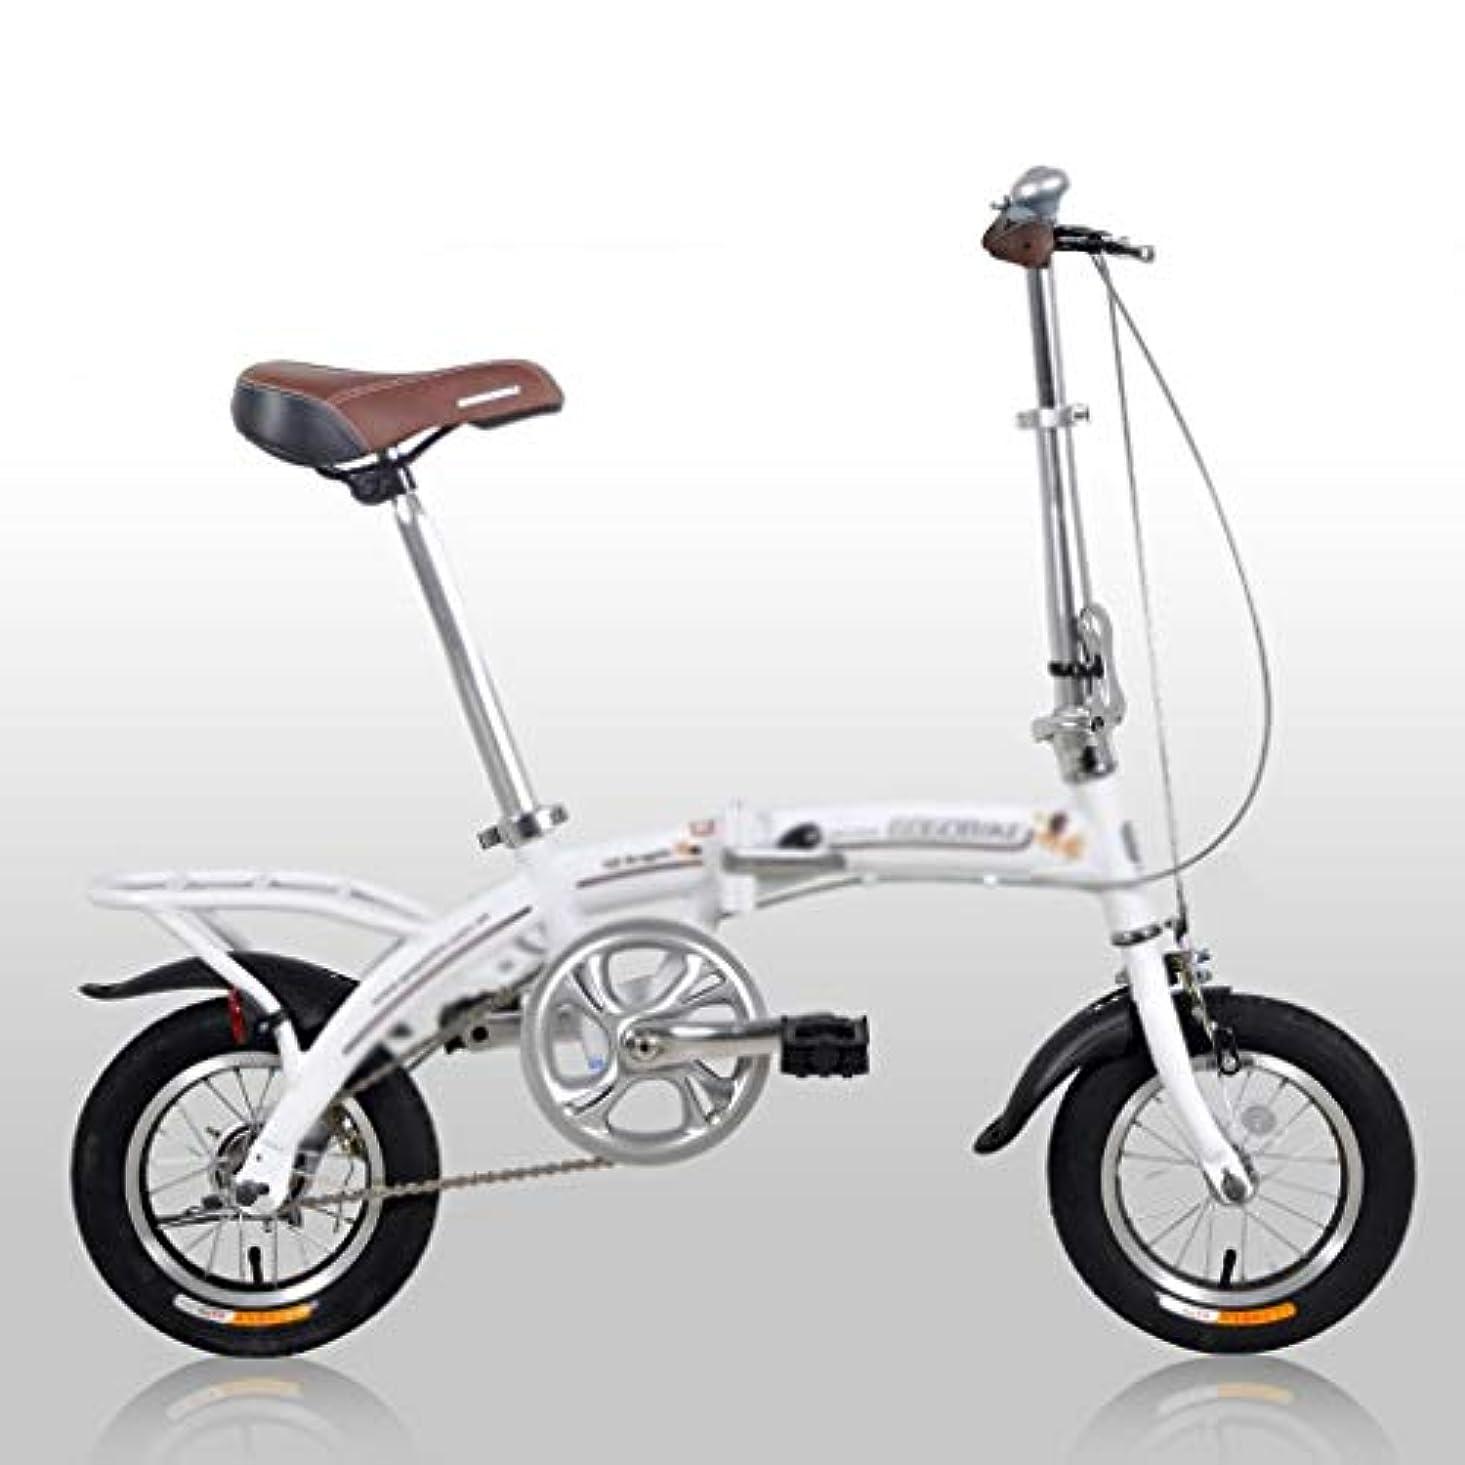 現金レジデンス飢え折りたたみ自転車 12インチの軽量ポータブルポータブルアルミ合金折りたたみ自転車 大人用折りたたみ自転車